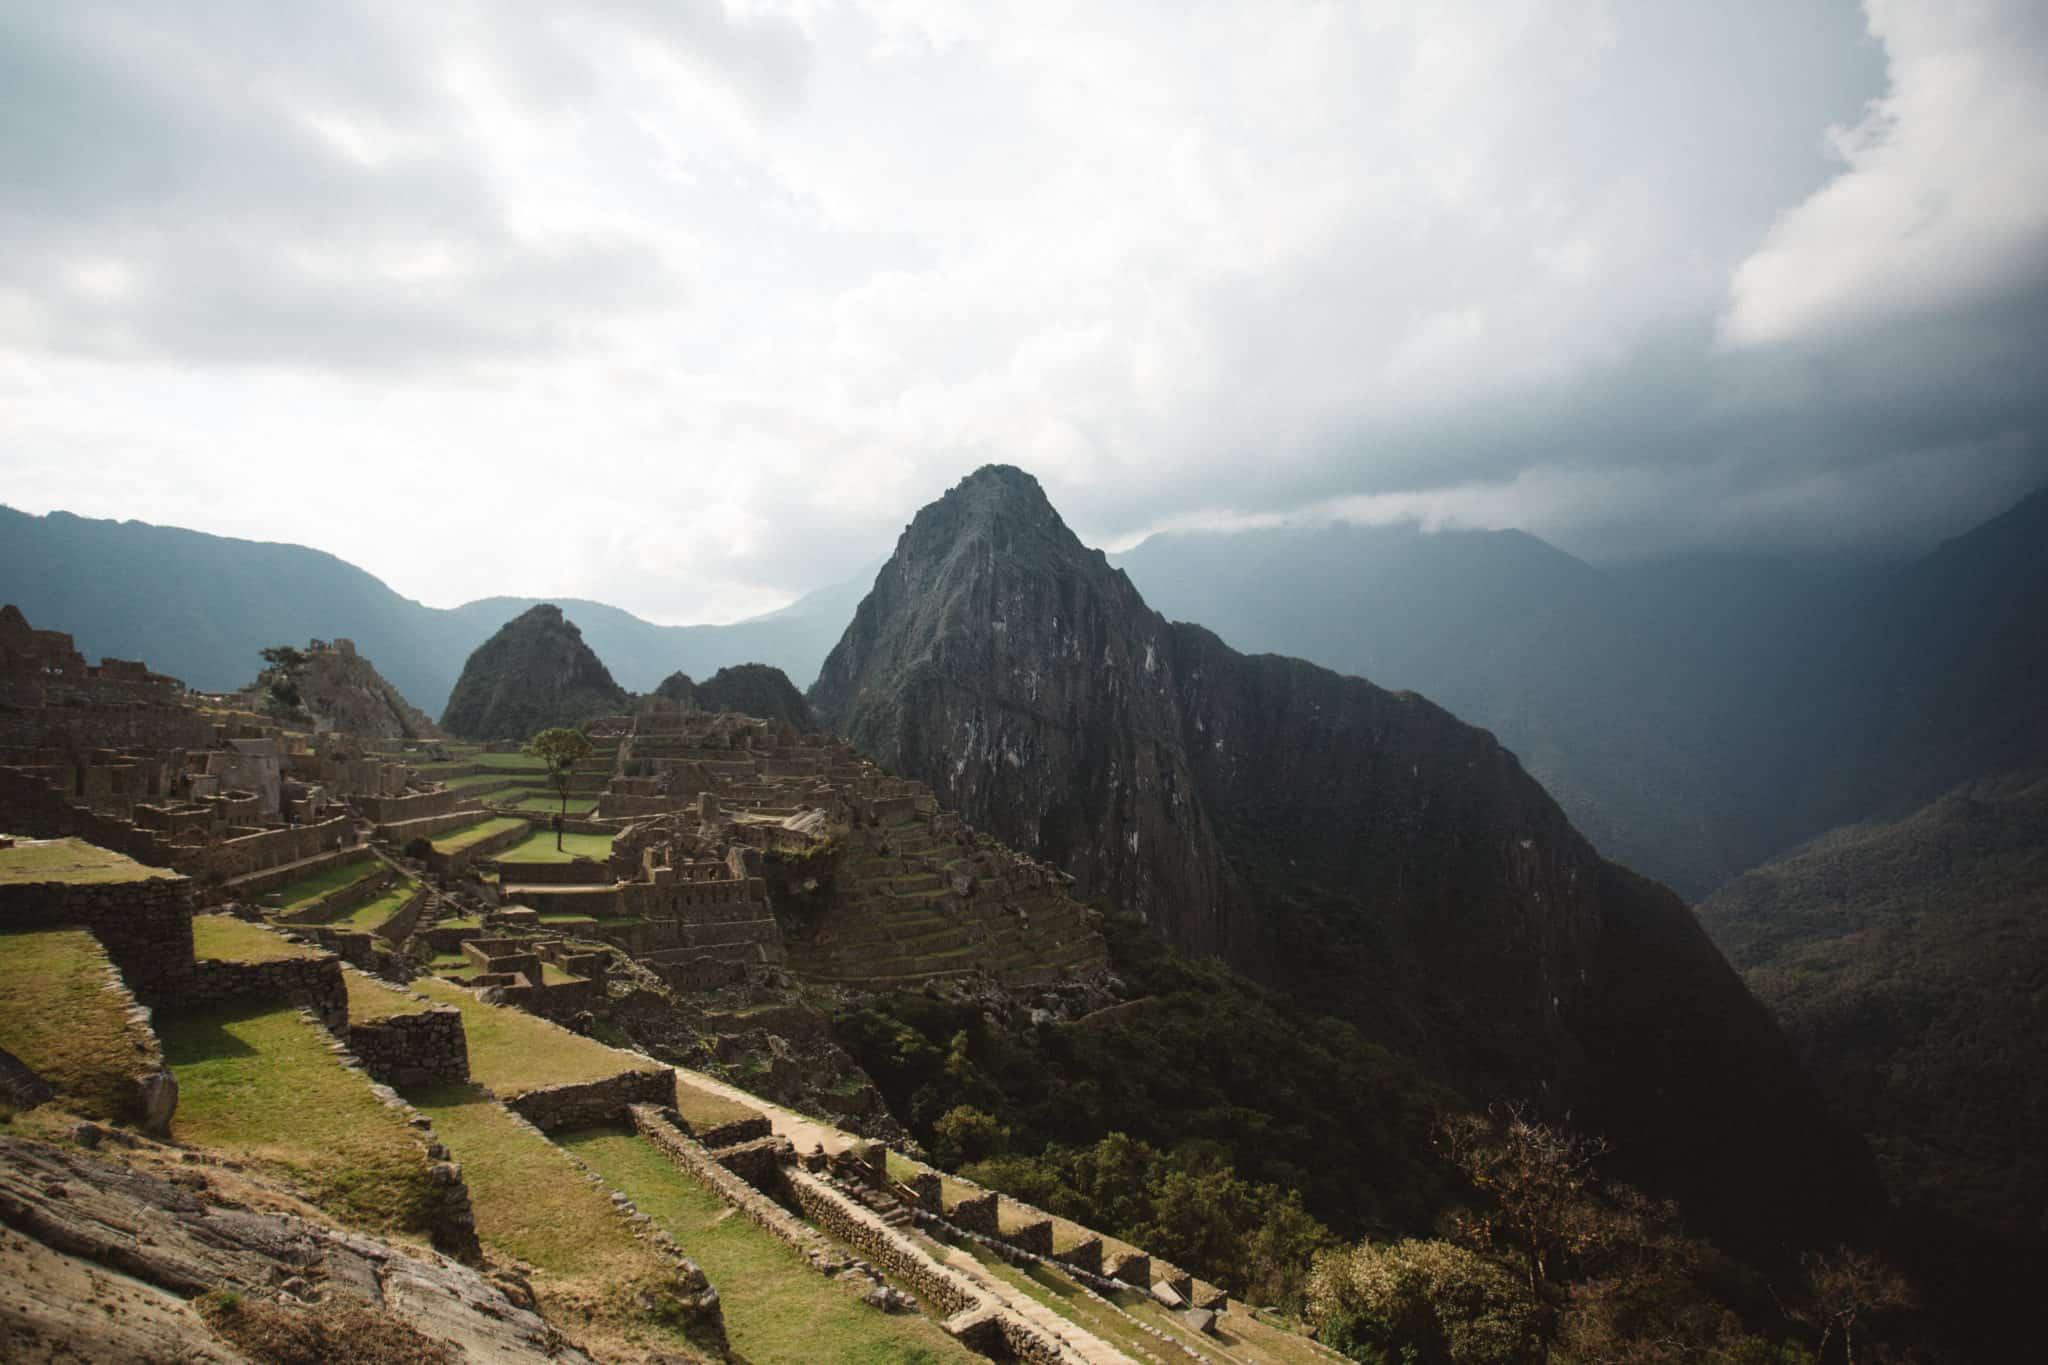 How To Pack For 1 Adventurous Week in Peru